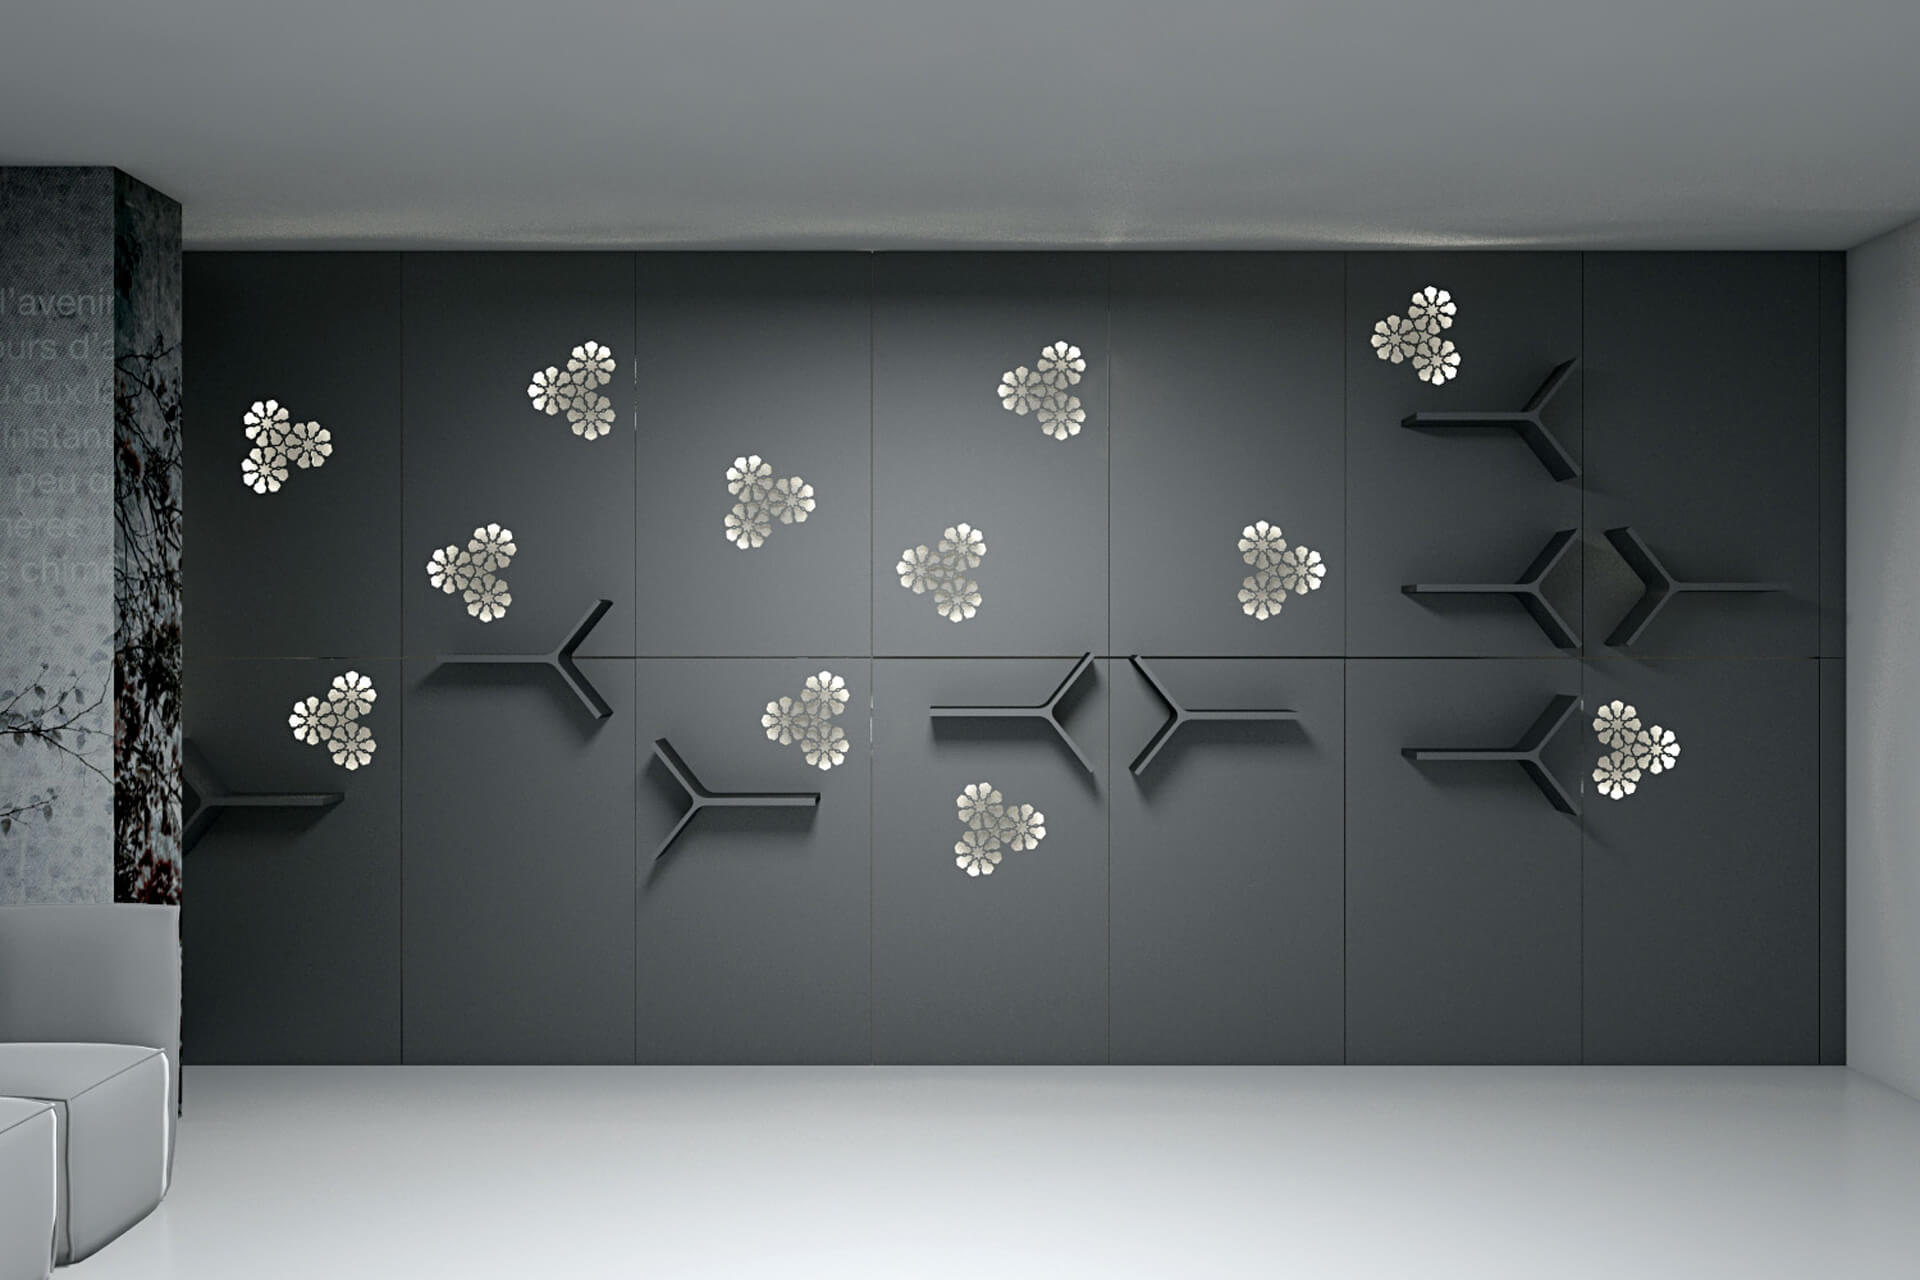 sale riunioni arredo magnetico magnetika - design ufficio - foto7